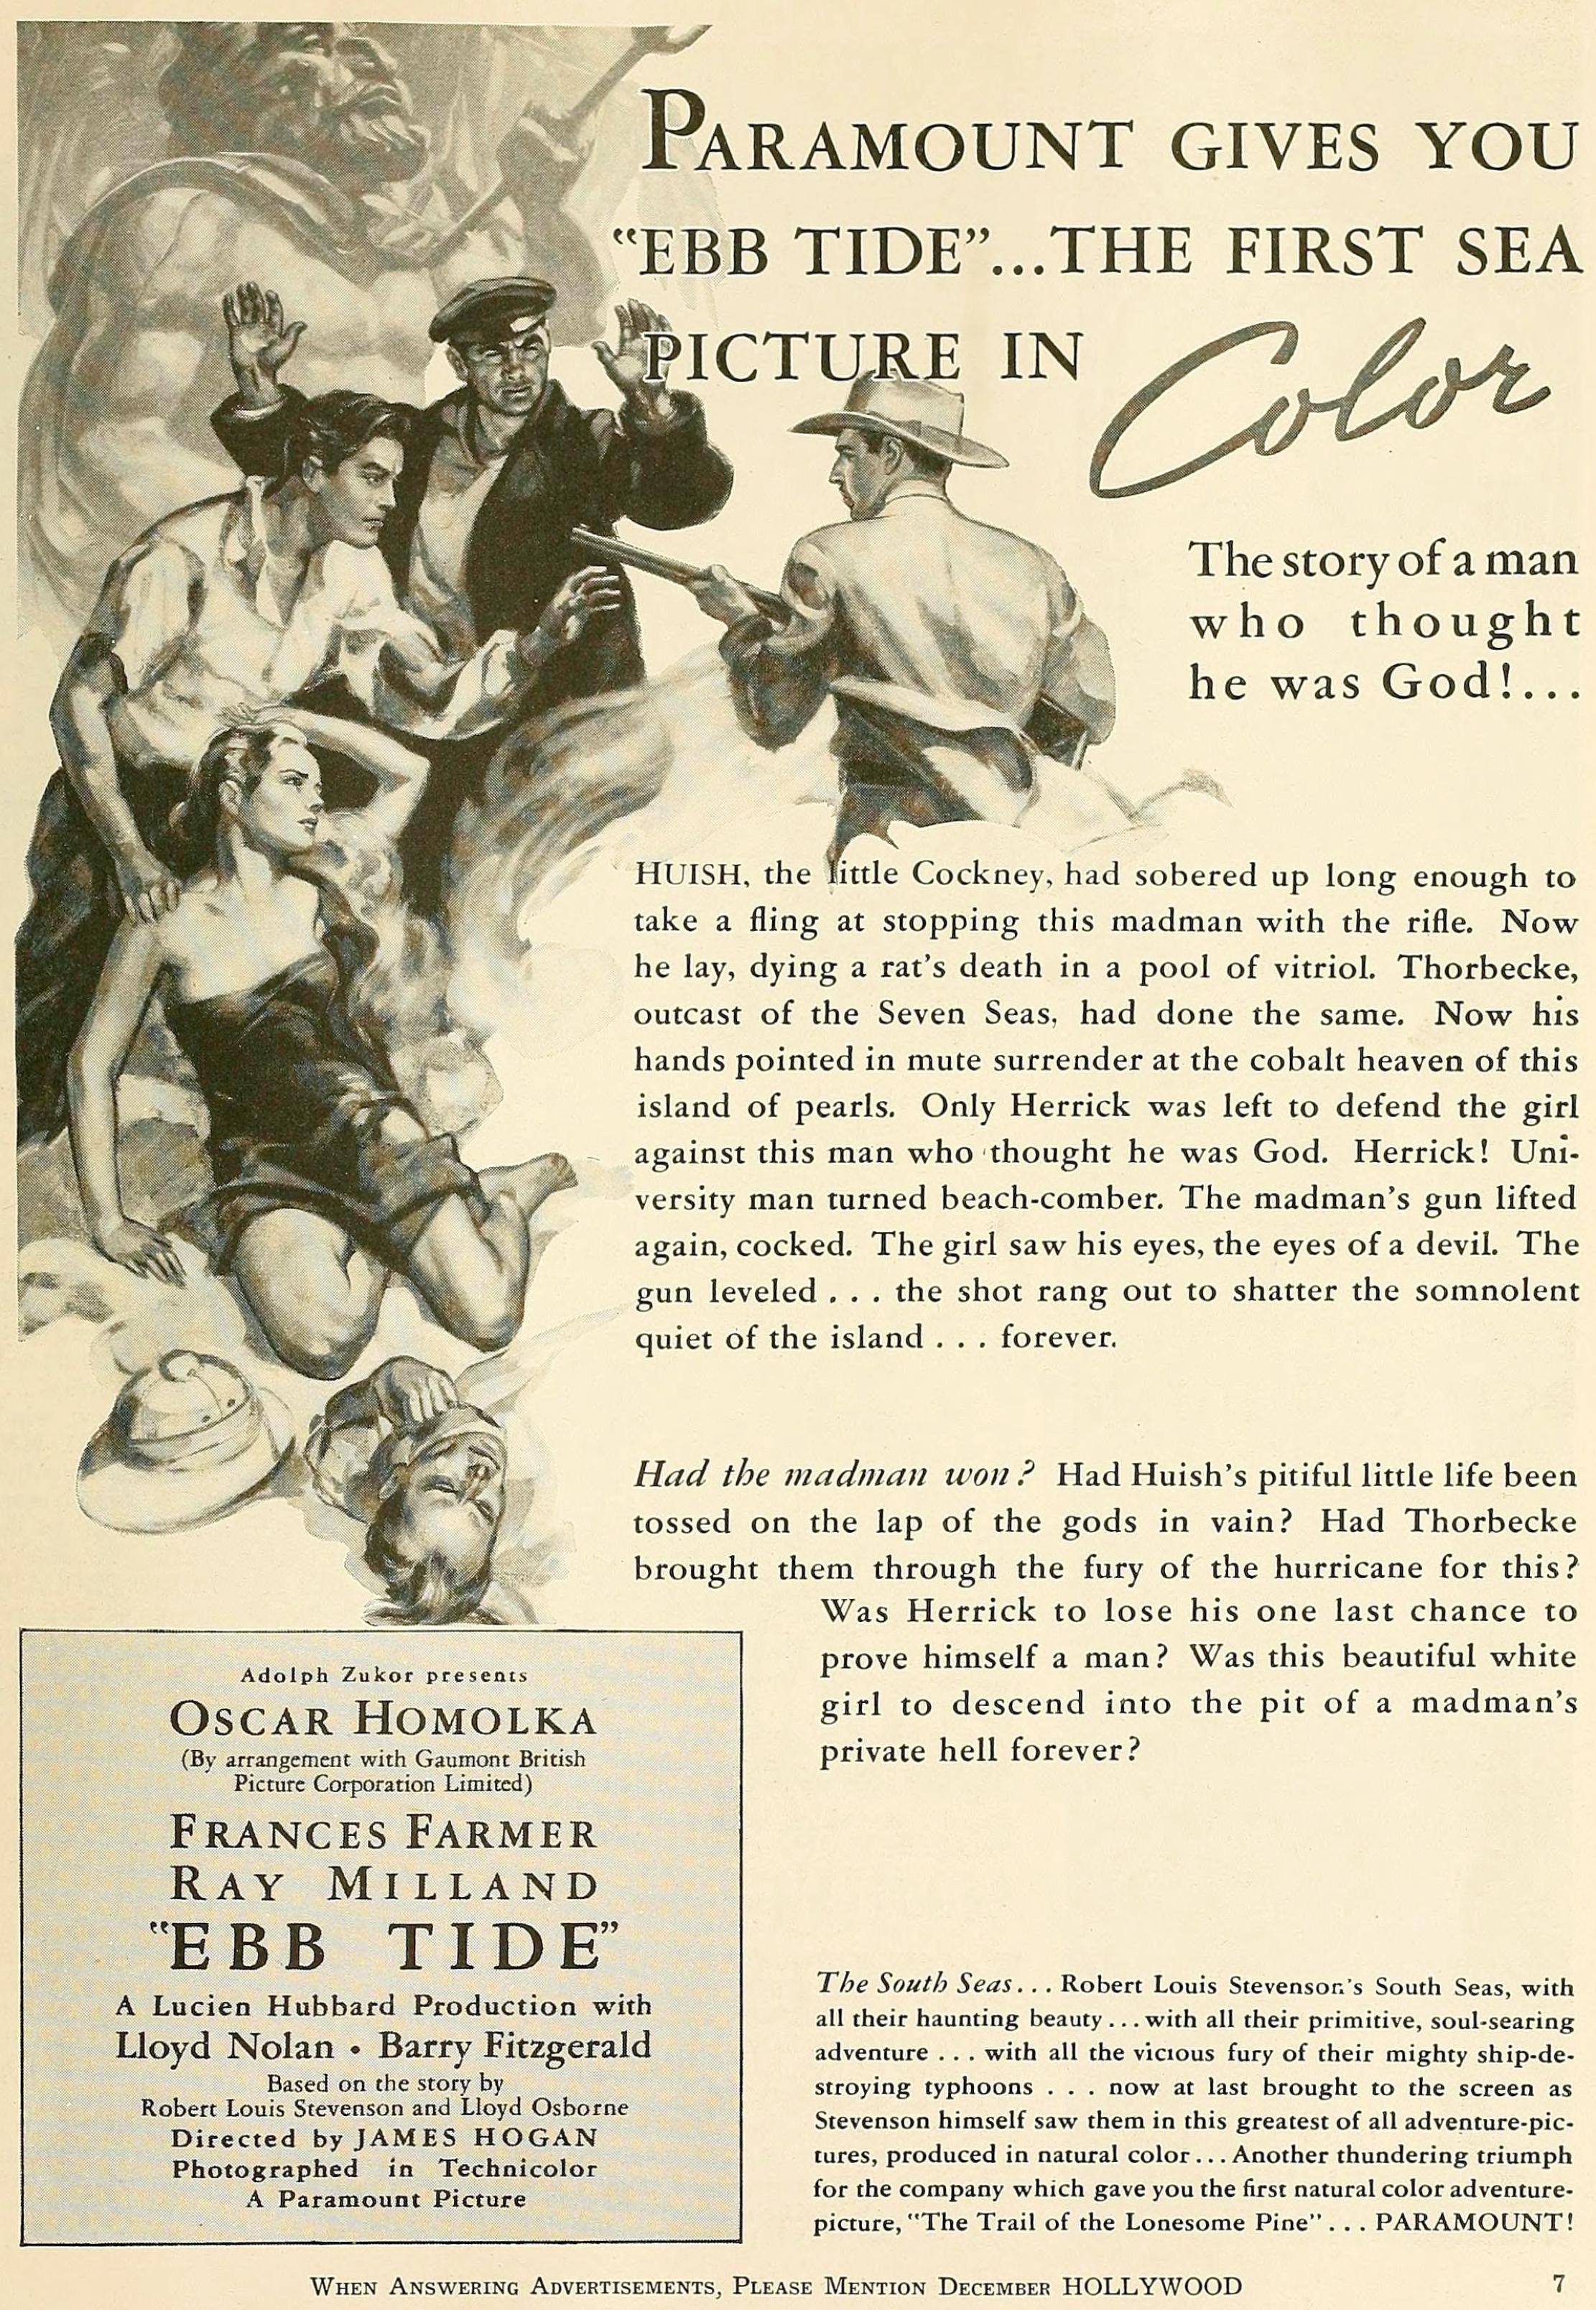 hollywood december 1937ia